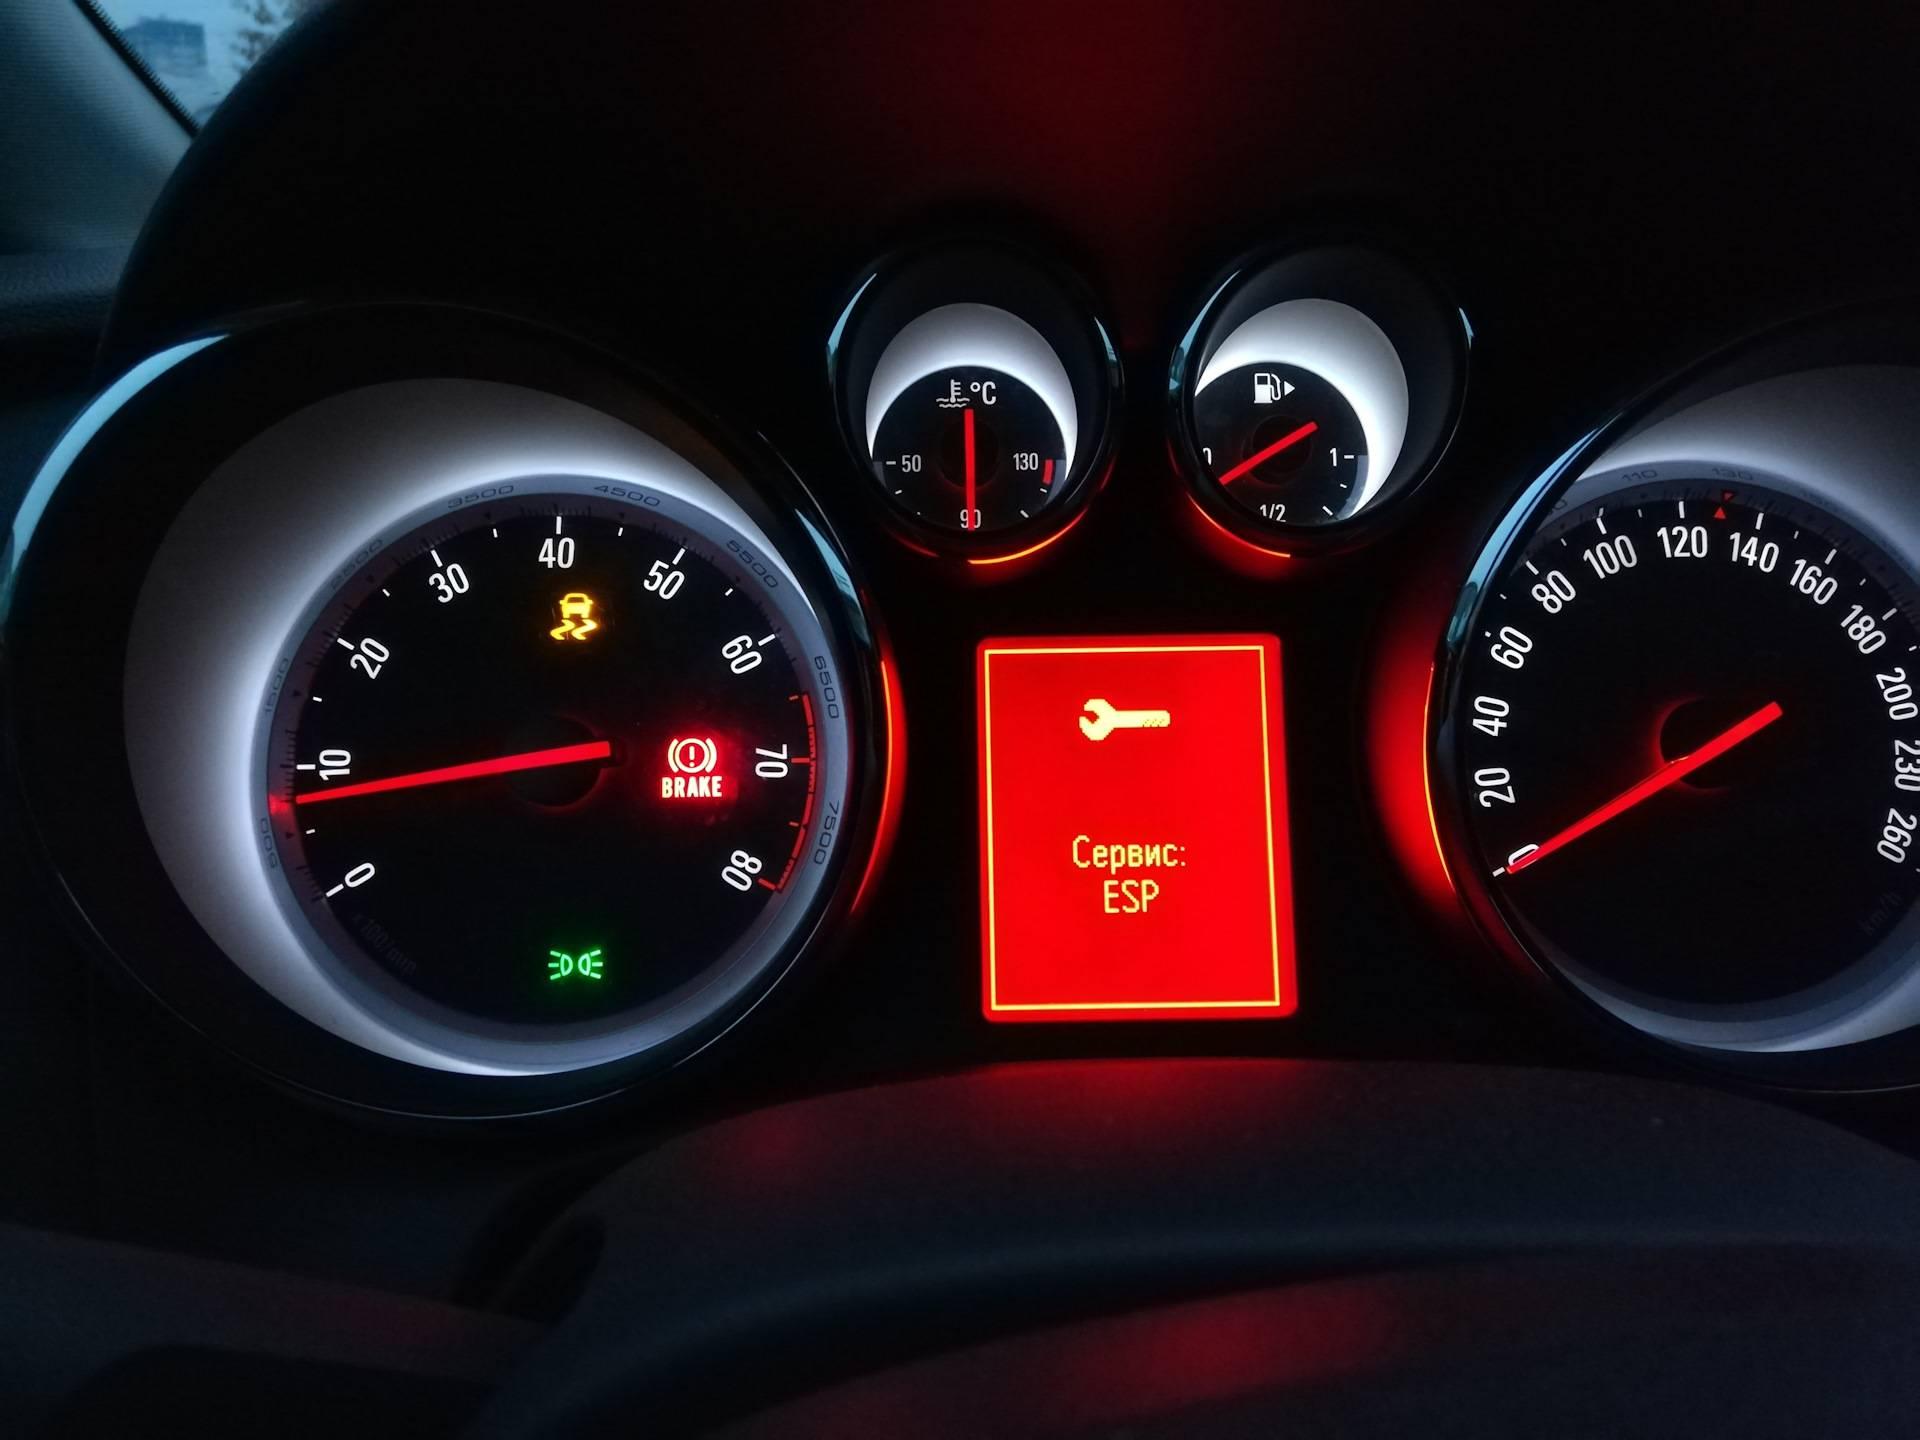 Обзор Opel Astra H: правда ли, что всё так плохо